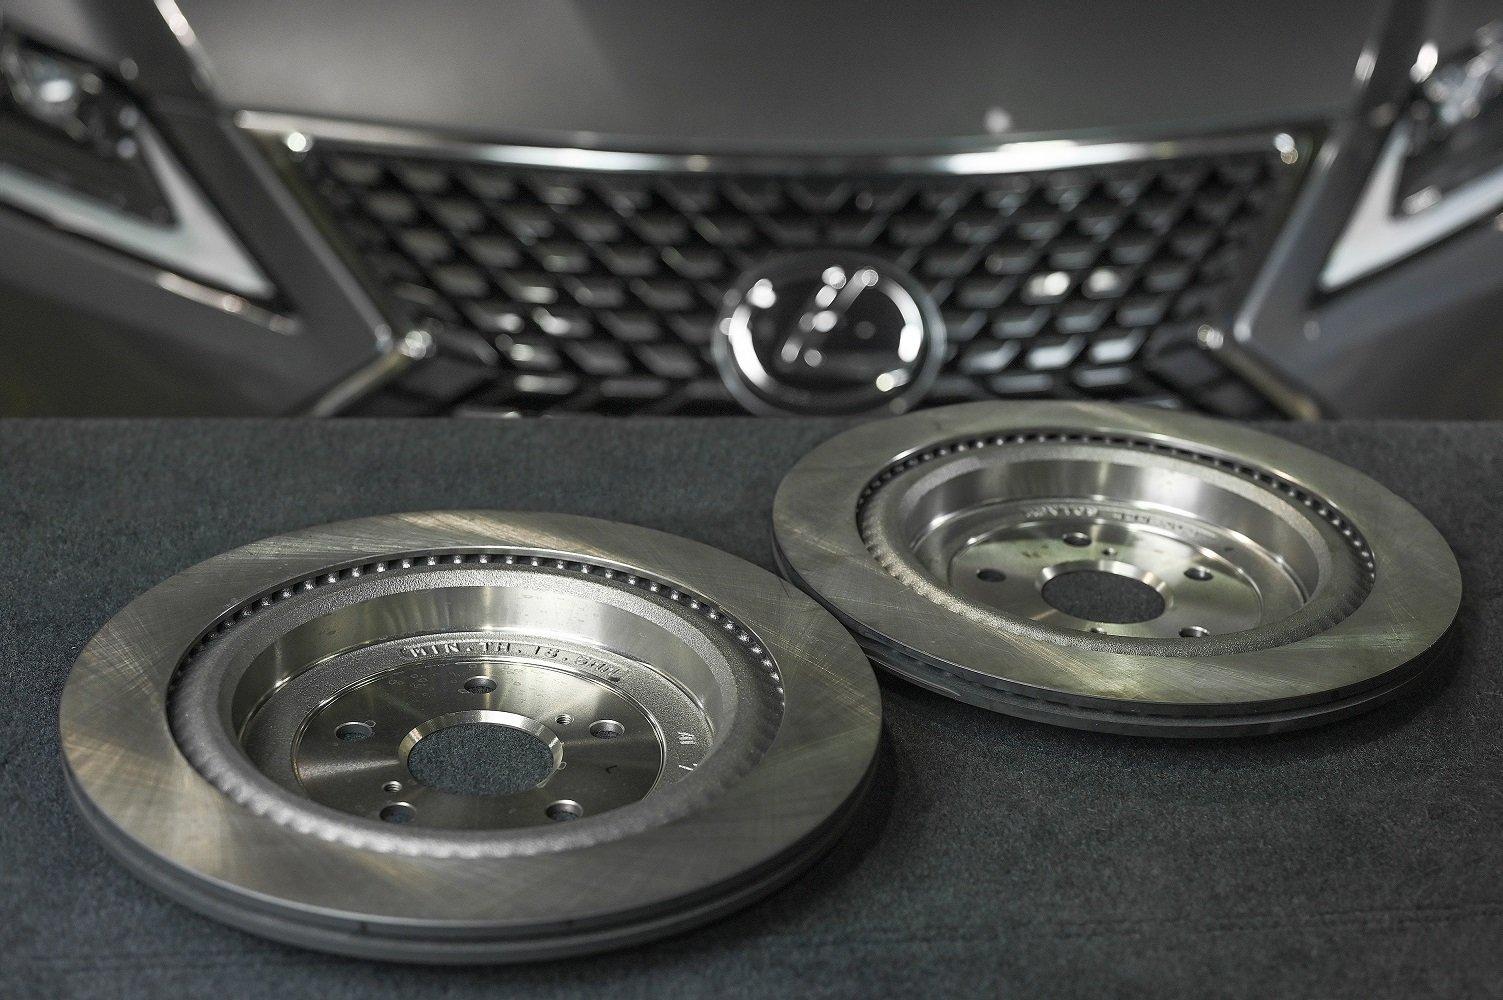 Оригинальные запчасти Lexus теперь можно купить дешевле: рассказываем как